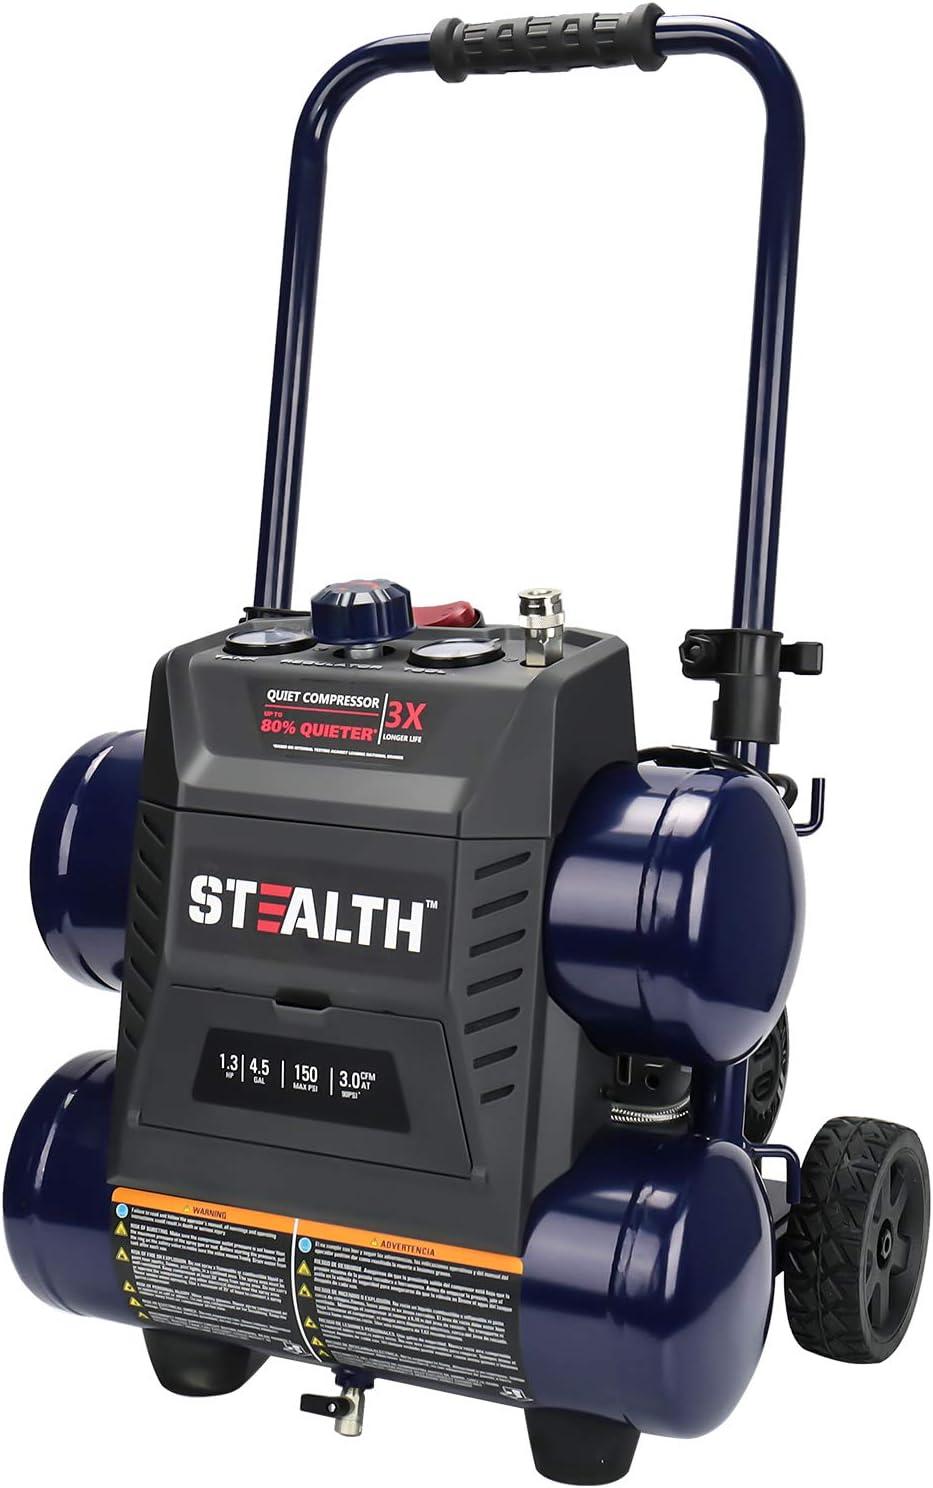 Stealth 4.5-Gallon Portable Air Compressor